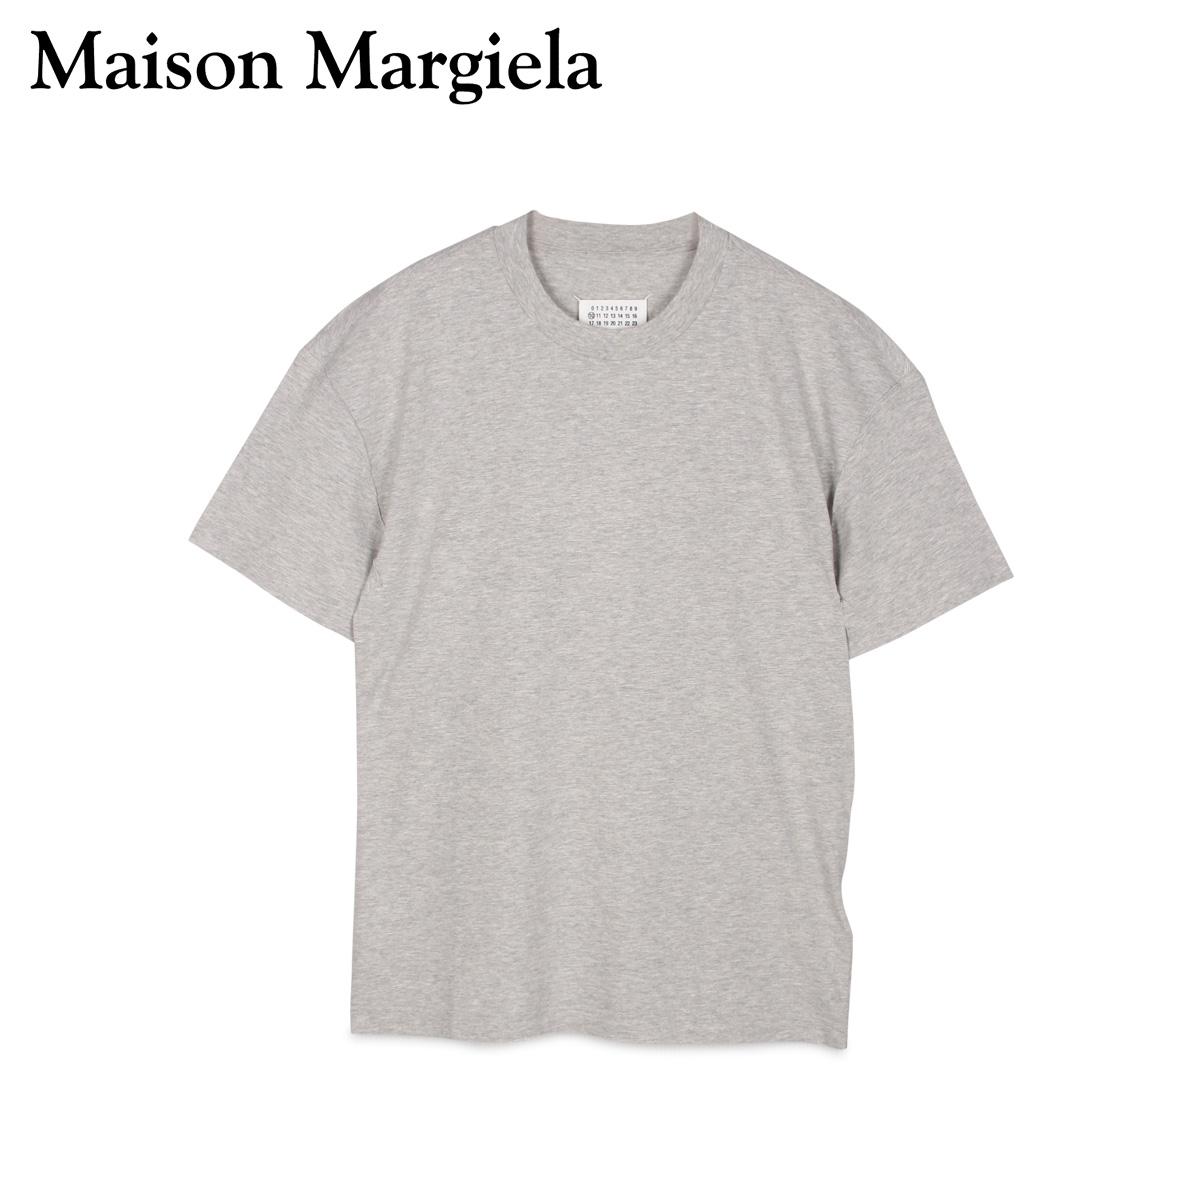 【最大2000円OFFクーポン】 メゾンマルジェラ MAISON MARGIELA Tシャツ 半袖 メンズ T SHIRT グレー S50GC0600-856M